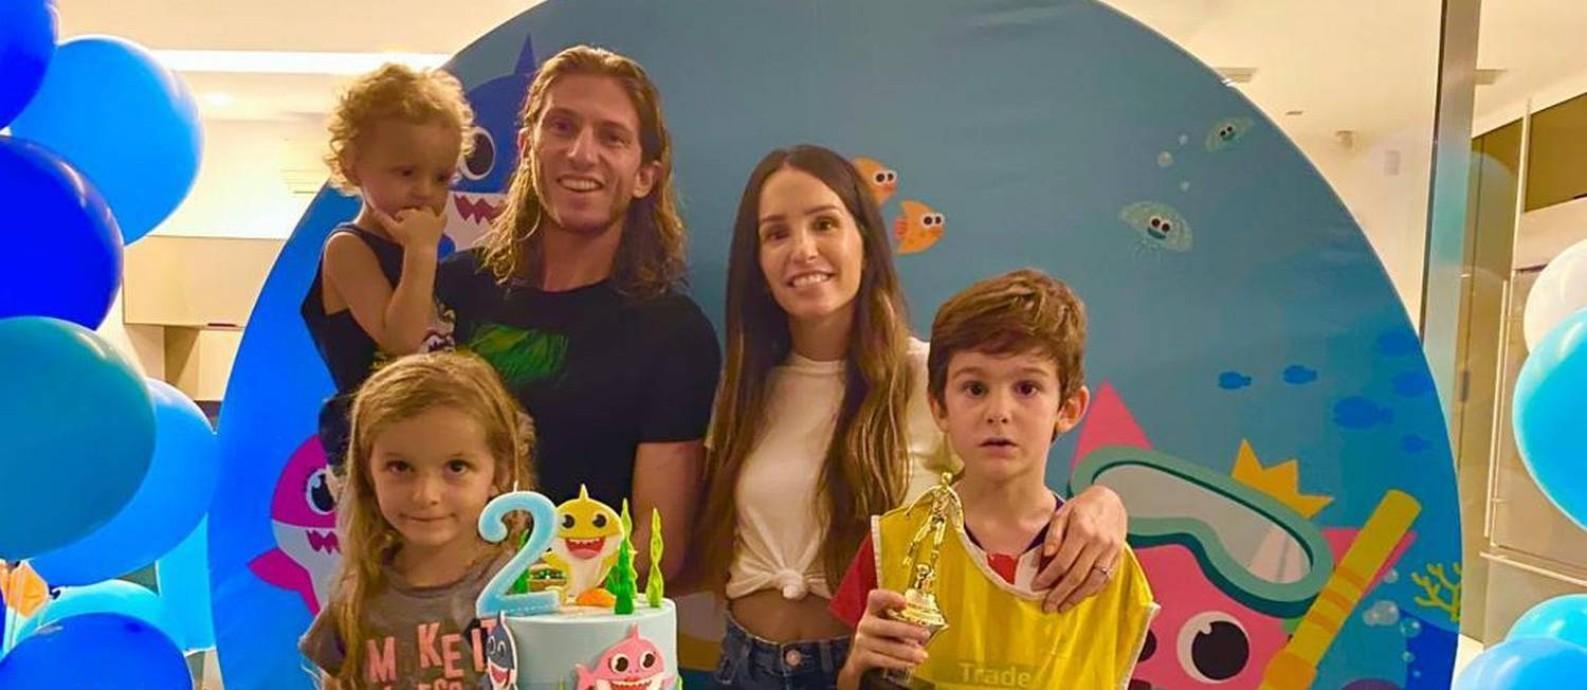 Filipe Luís ao lado de Patrícia e os filhos Lucas (no colo), Sara e Tiago Foto: Arquivo pessoal